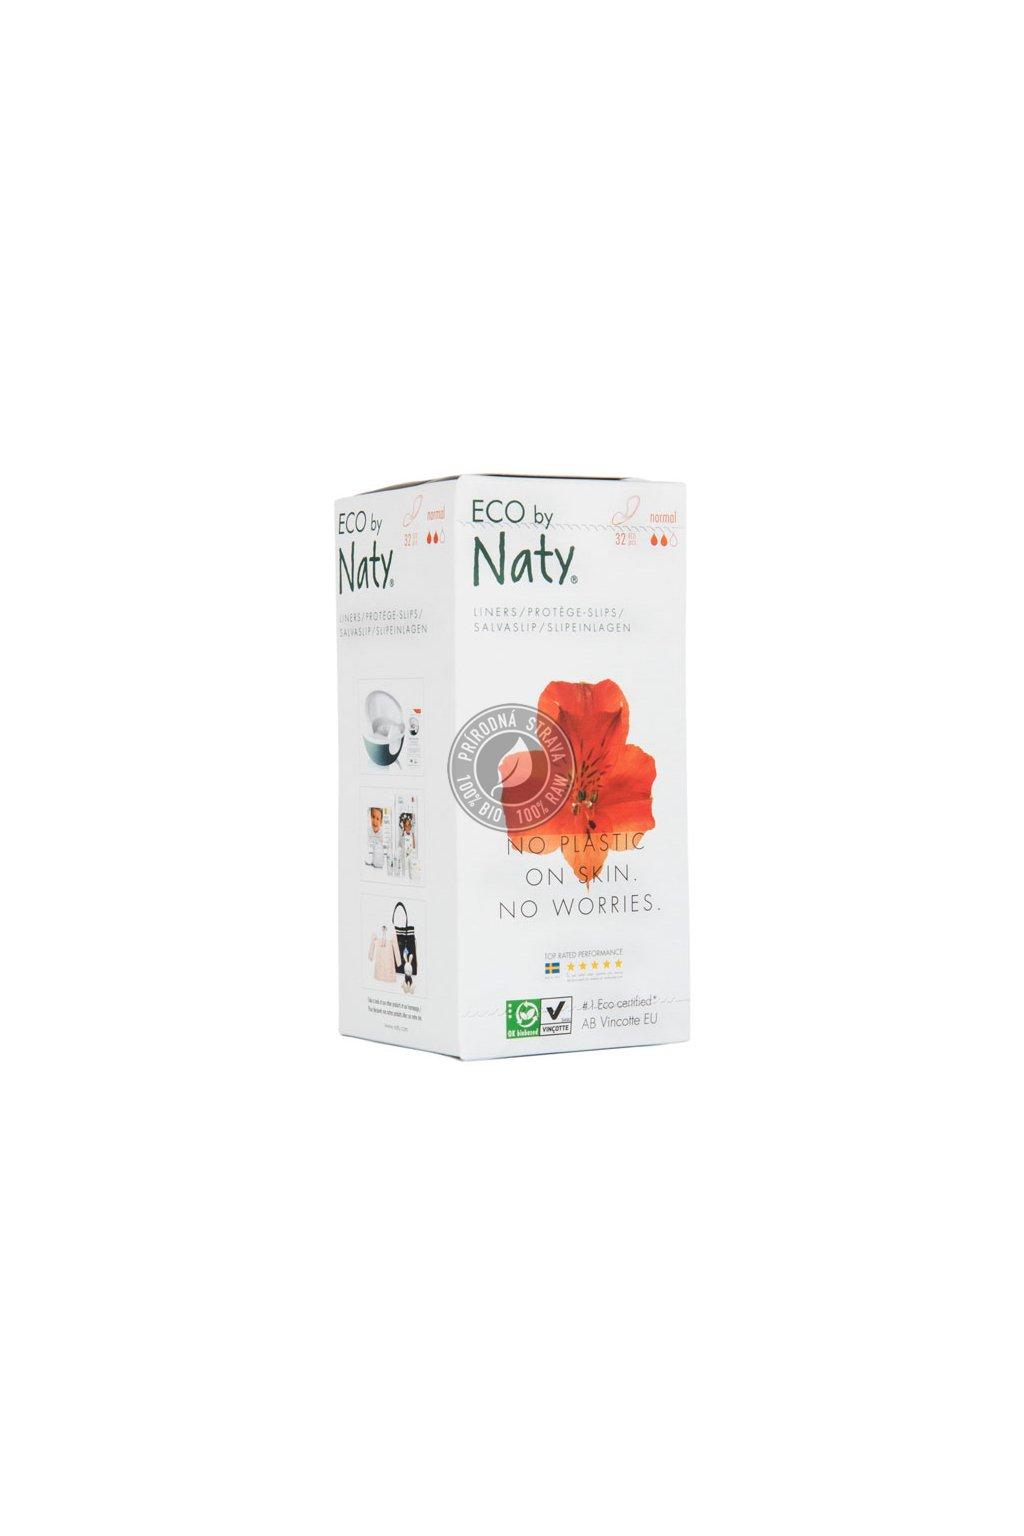 Naty, eco,vložky, slipové, Vincotte, GMO-free, natural, prírodné, rozložitelné, jemné